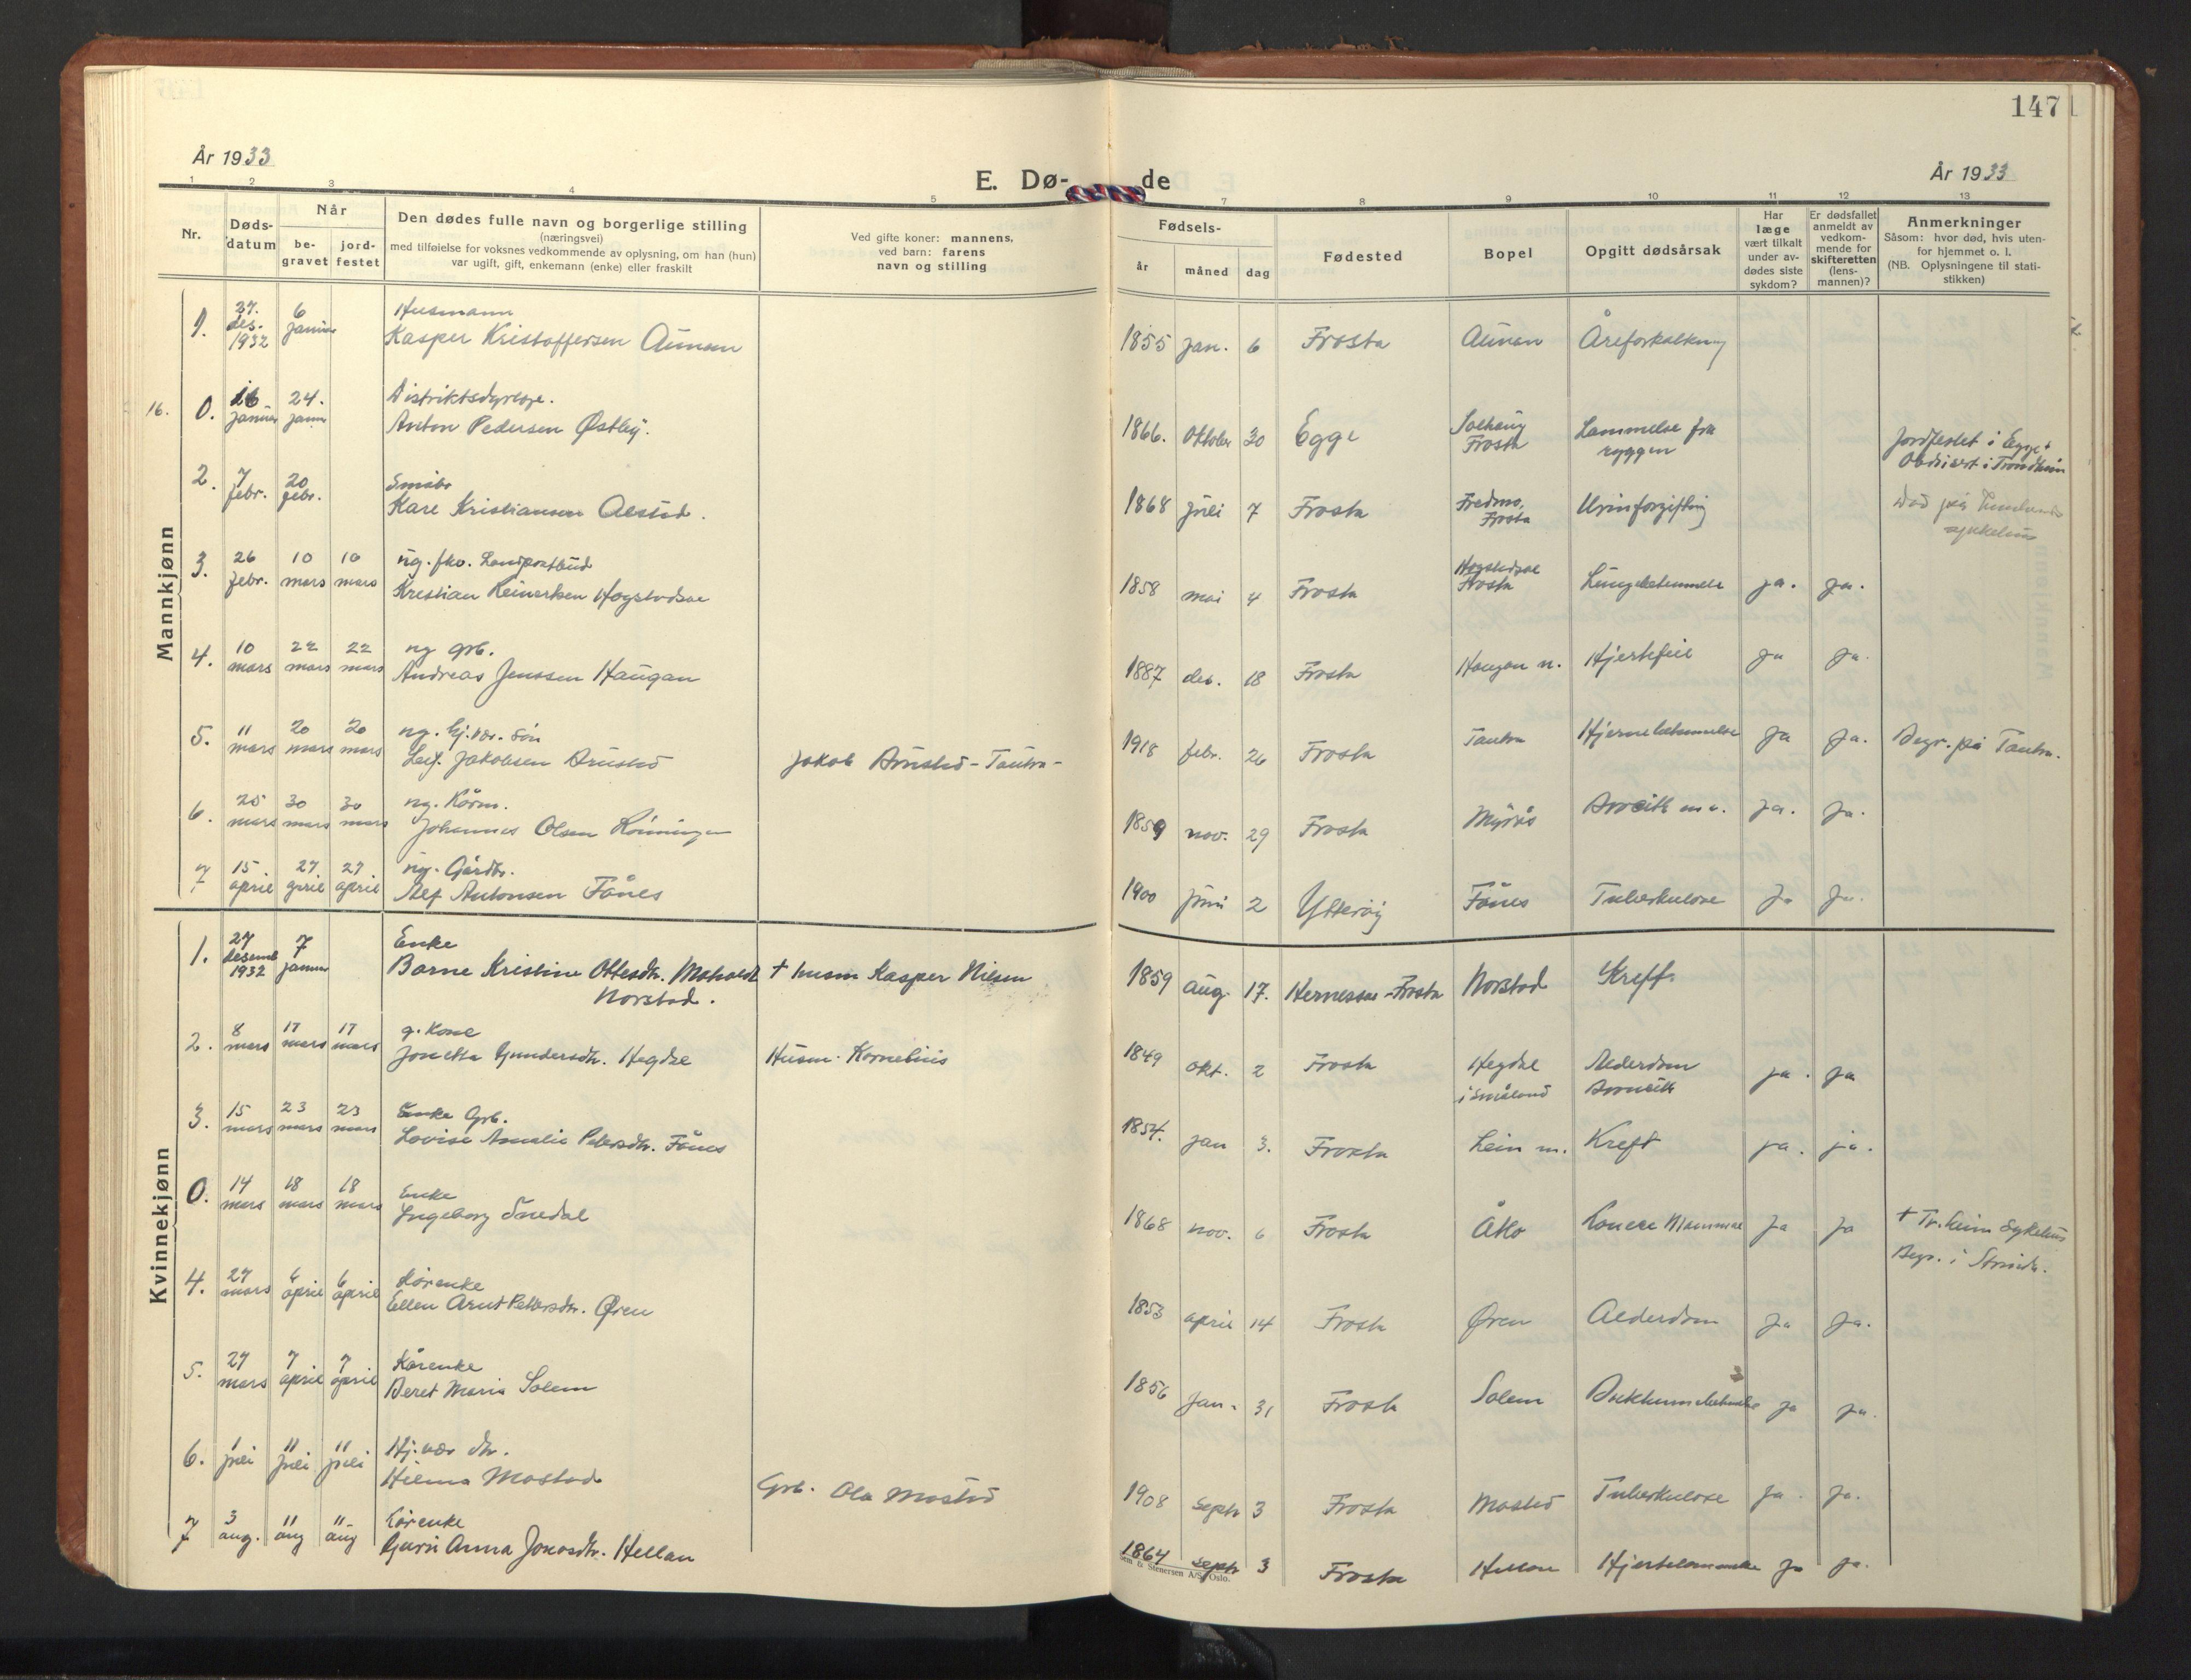 SAT, Ministerialprotokoller, klokkerbøker og fødselsregistre - Nord-Trøndelag, 713/L0125: Klokkerbok nr. 713C02, 1931-1941, s. 147